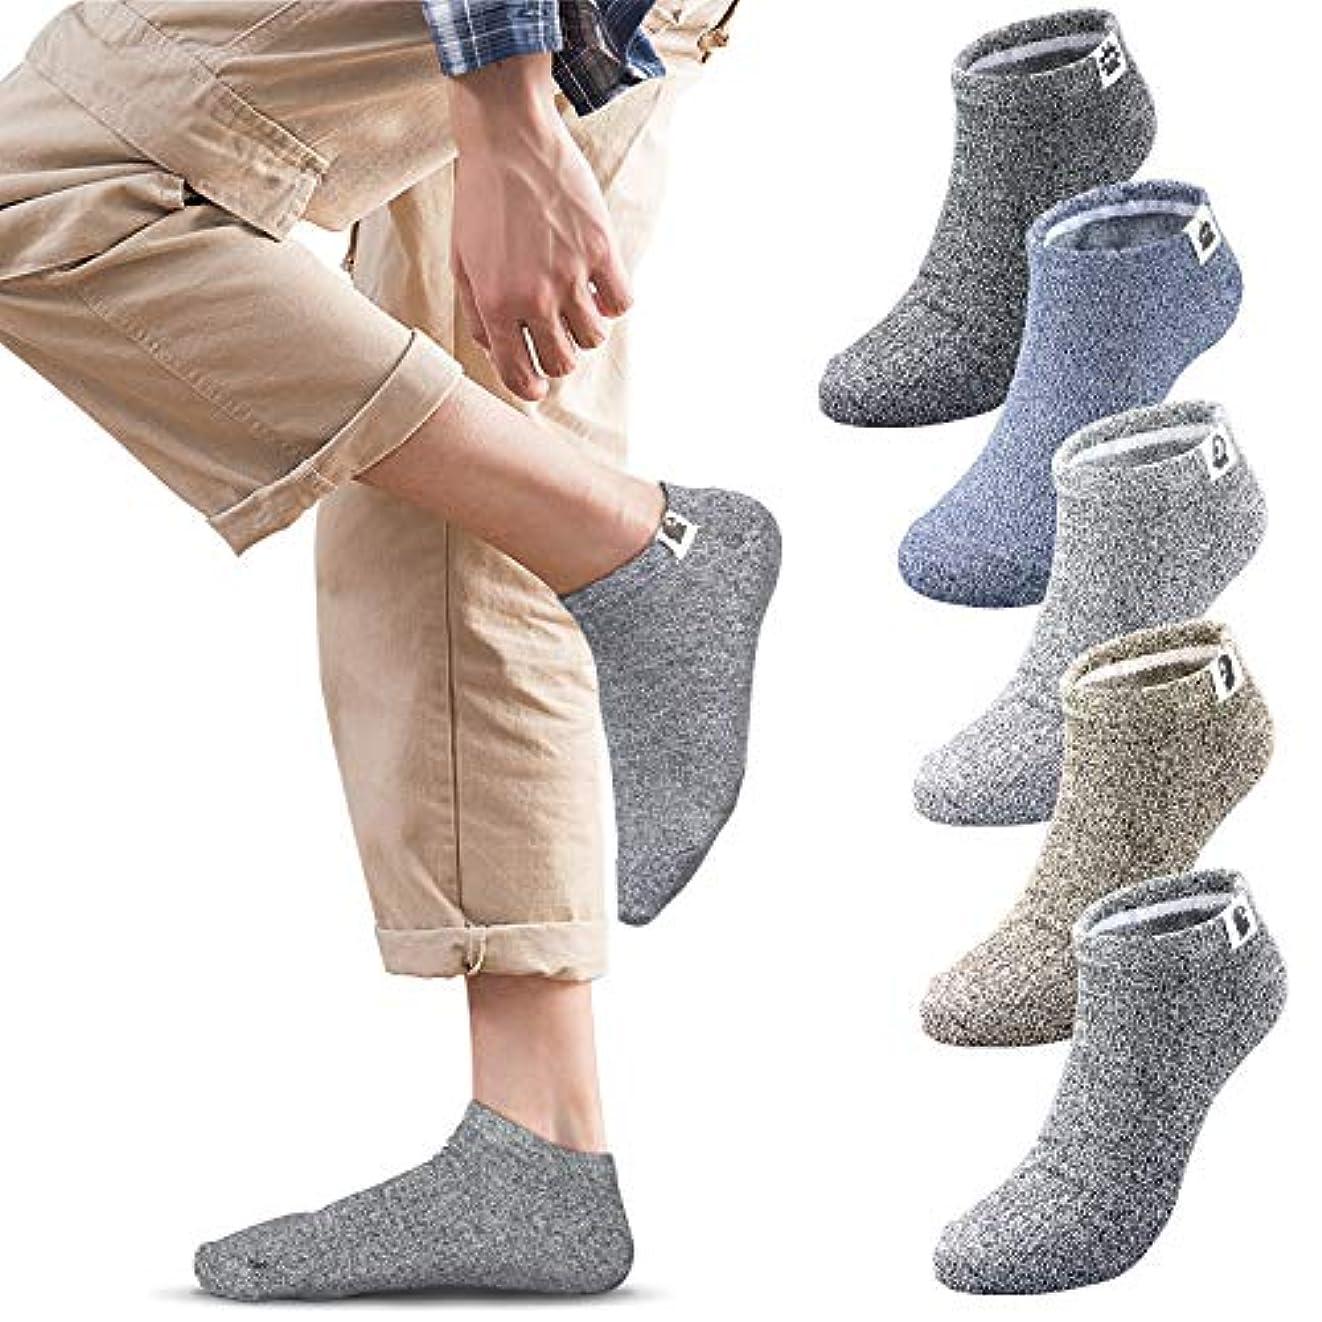 程度社会学検査官メンズソックス 靴下 メンズ くるぶしソックス くるぶし靴下 ショートソックス スニーカーソックス スポーツ用抗菌防臭 通気性抜群 5足組 24-28cm